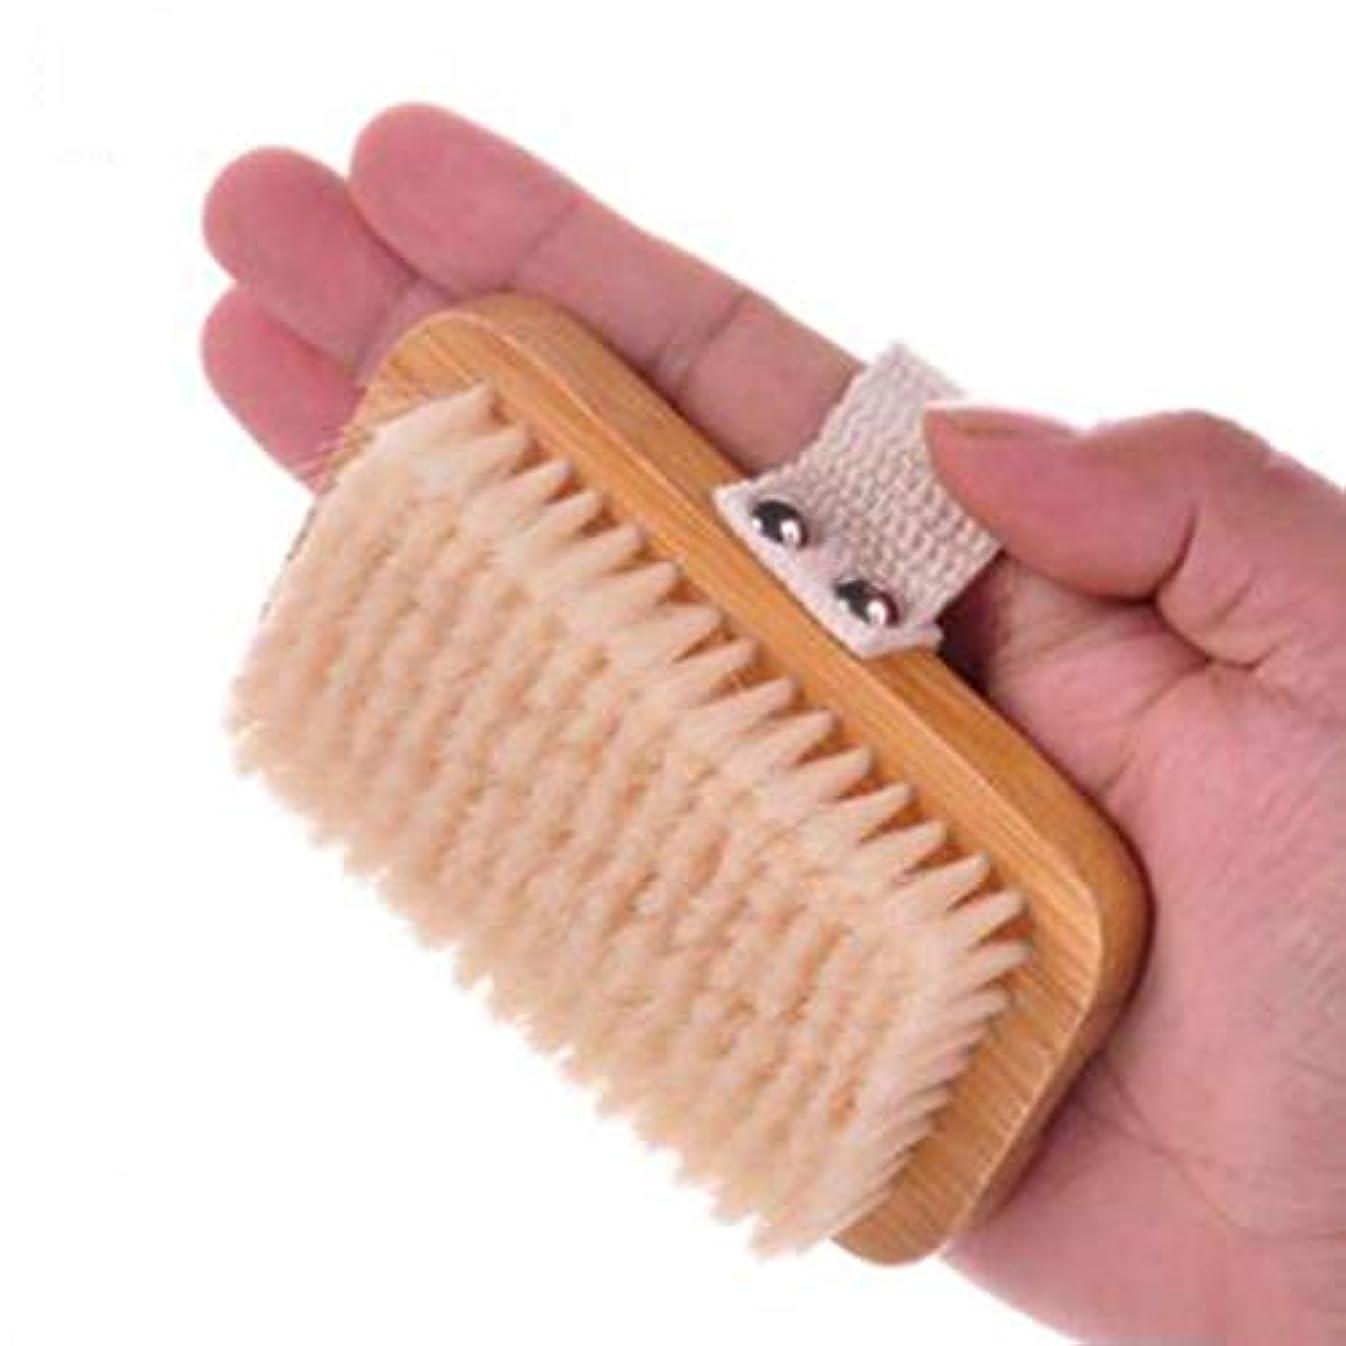 軽くアルプスを必要としていますドライスキンボディブラシ - 肌の健康と美容を向上させます - ナチュラル剛毛 - デッドスキンと毒素を取り除きます